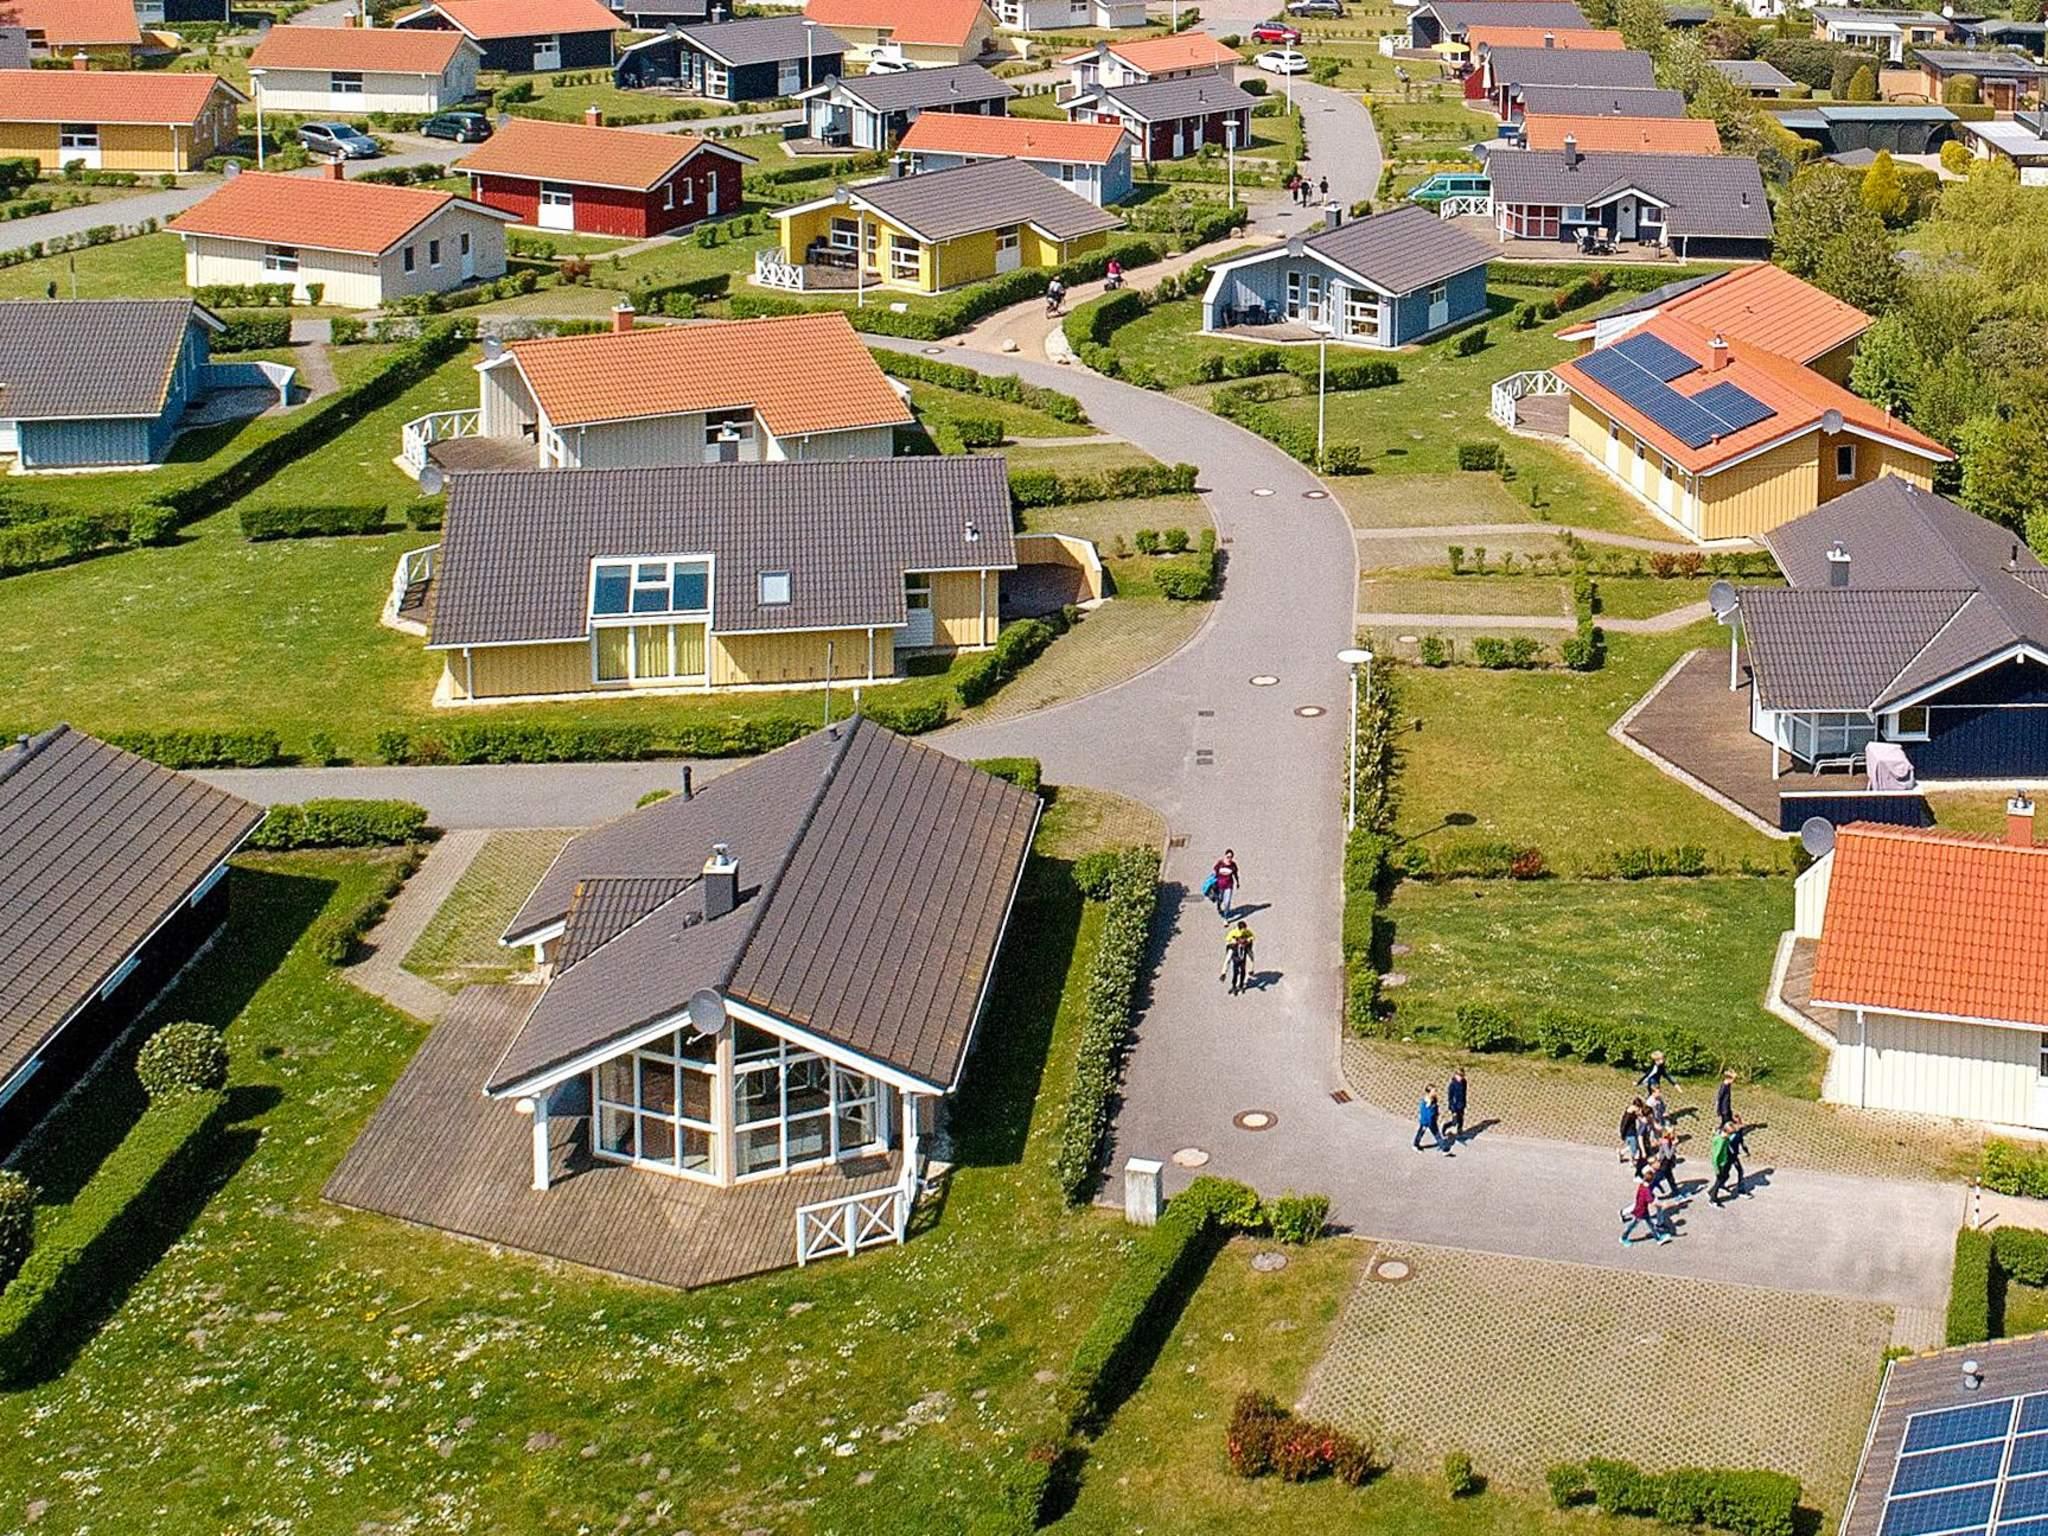 Maison de vacances Grömitz (259537), Grömitz, Baie de Lübeck, Schleswig-Holstein, Allemagne, image 17